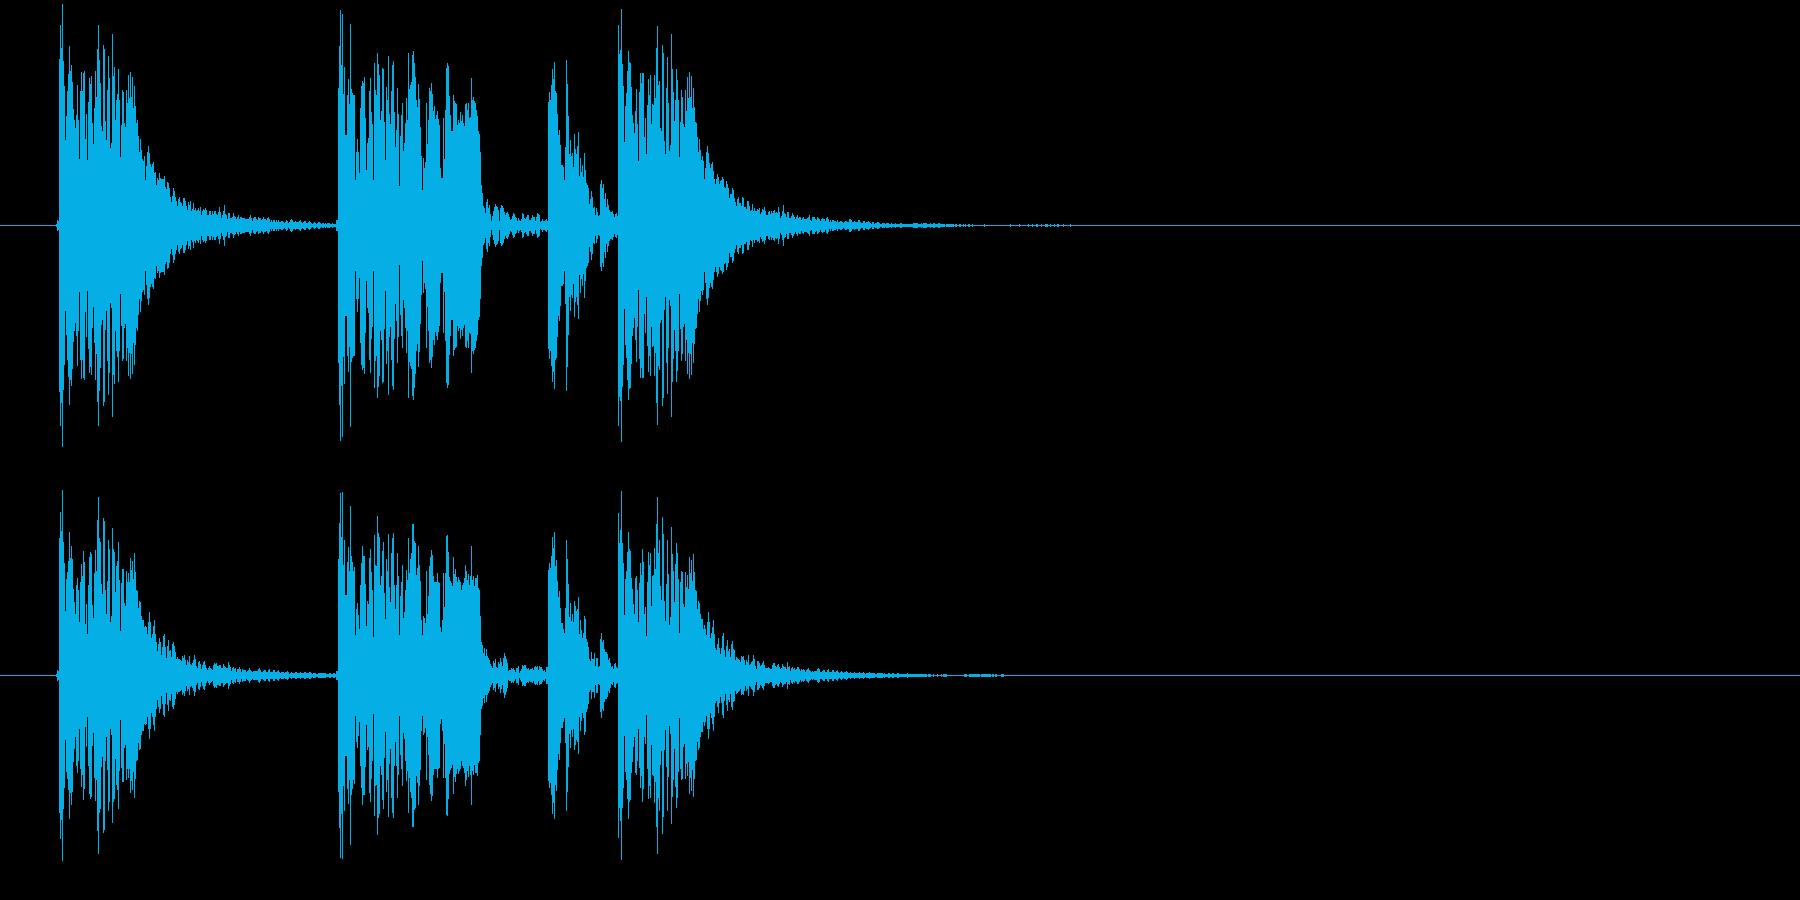 躍動感あるダークなビートジングルの再生済みの波形